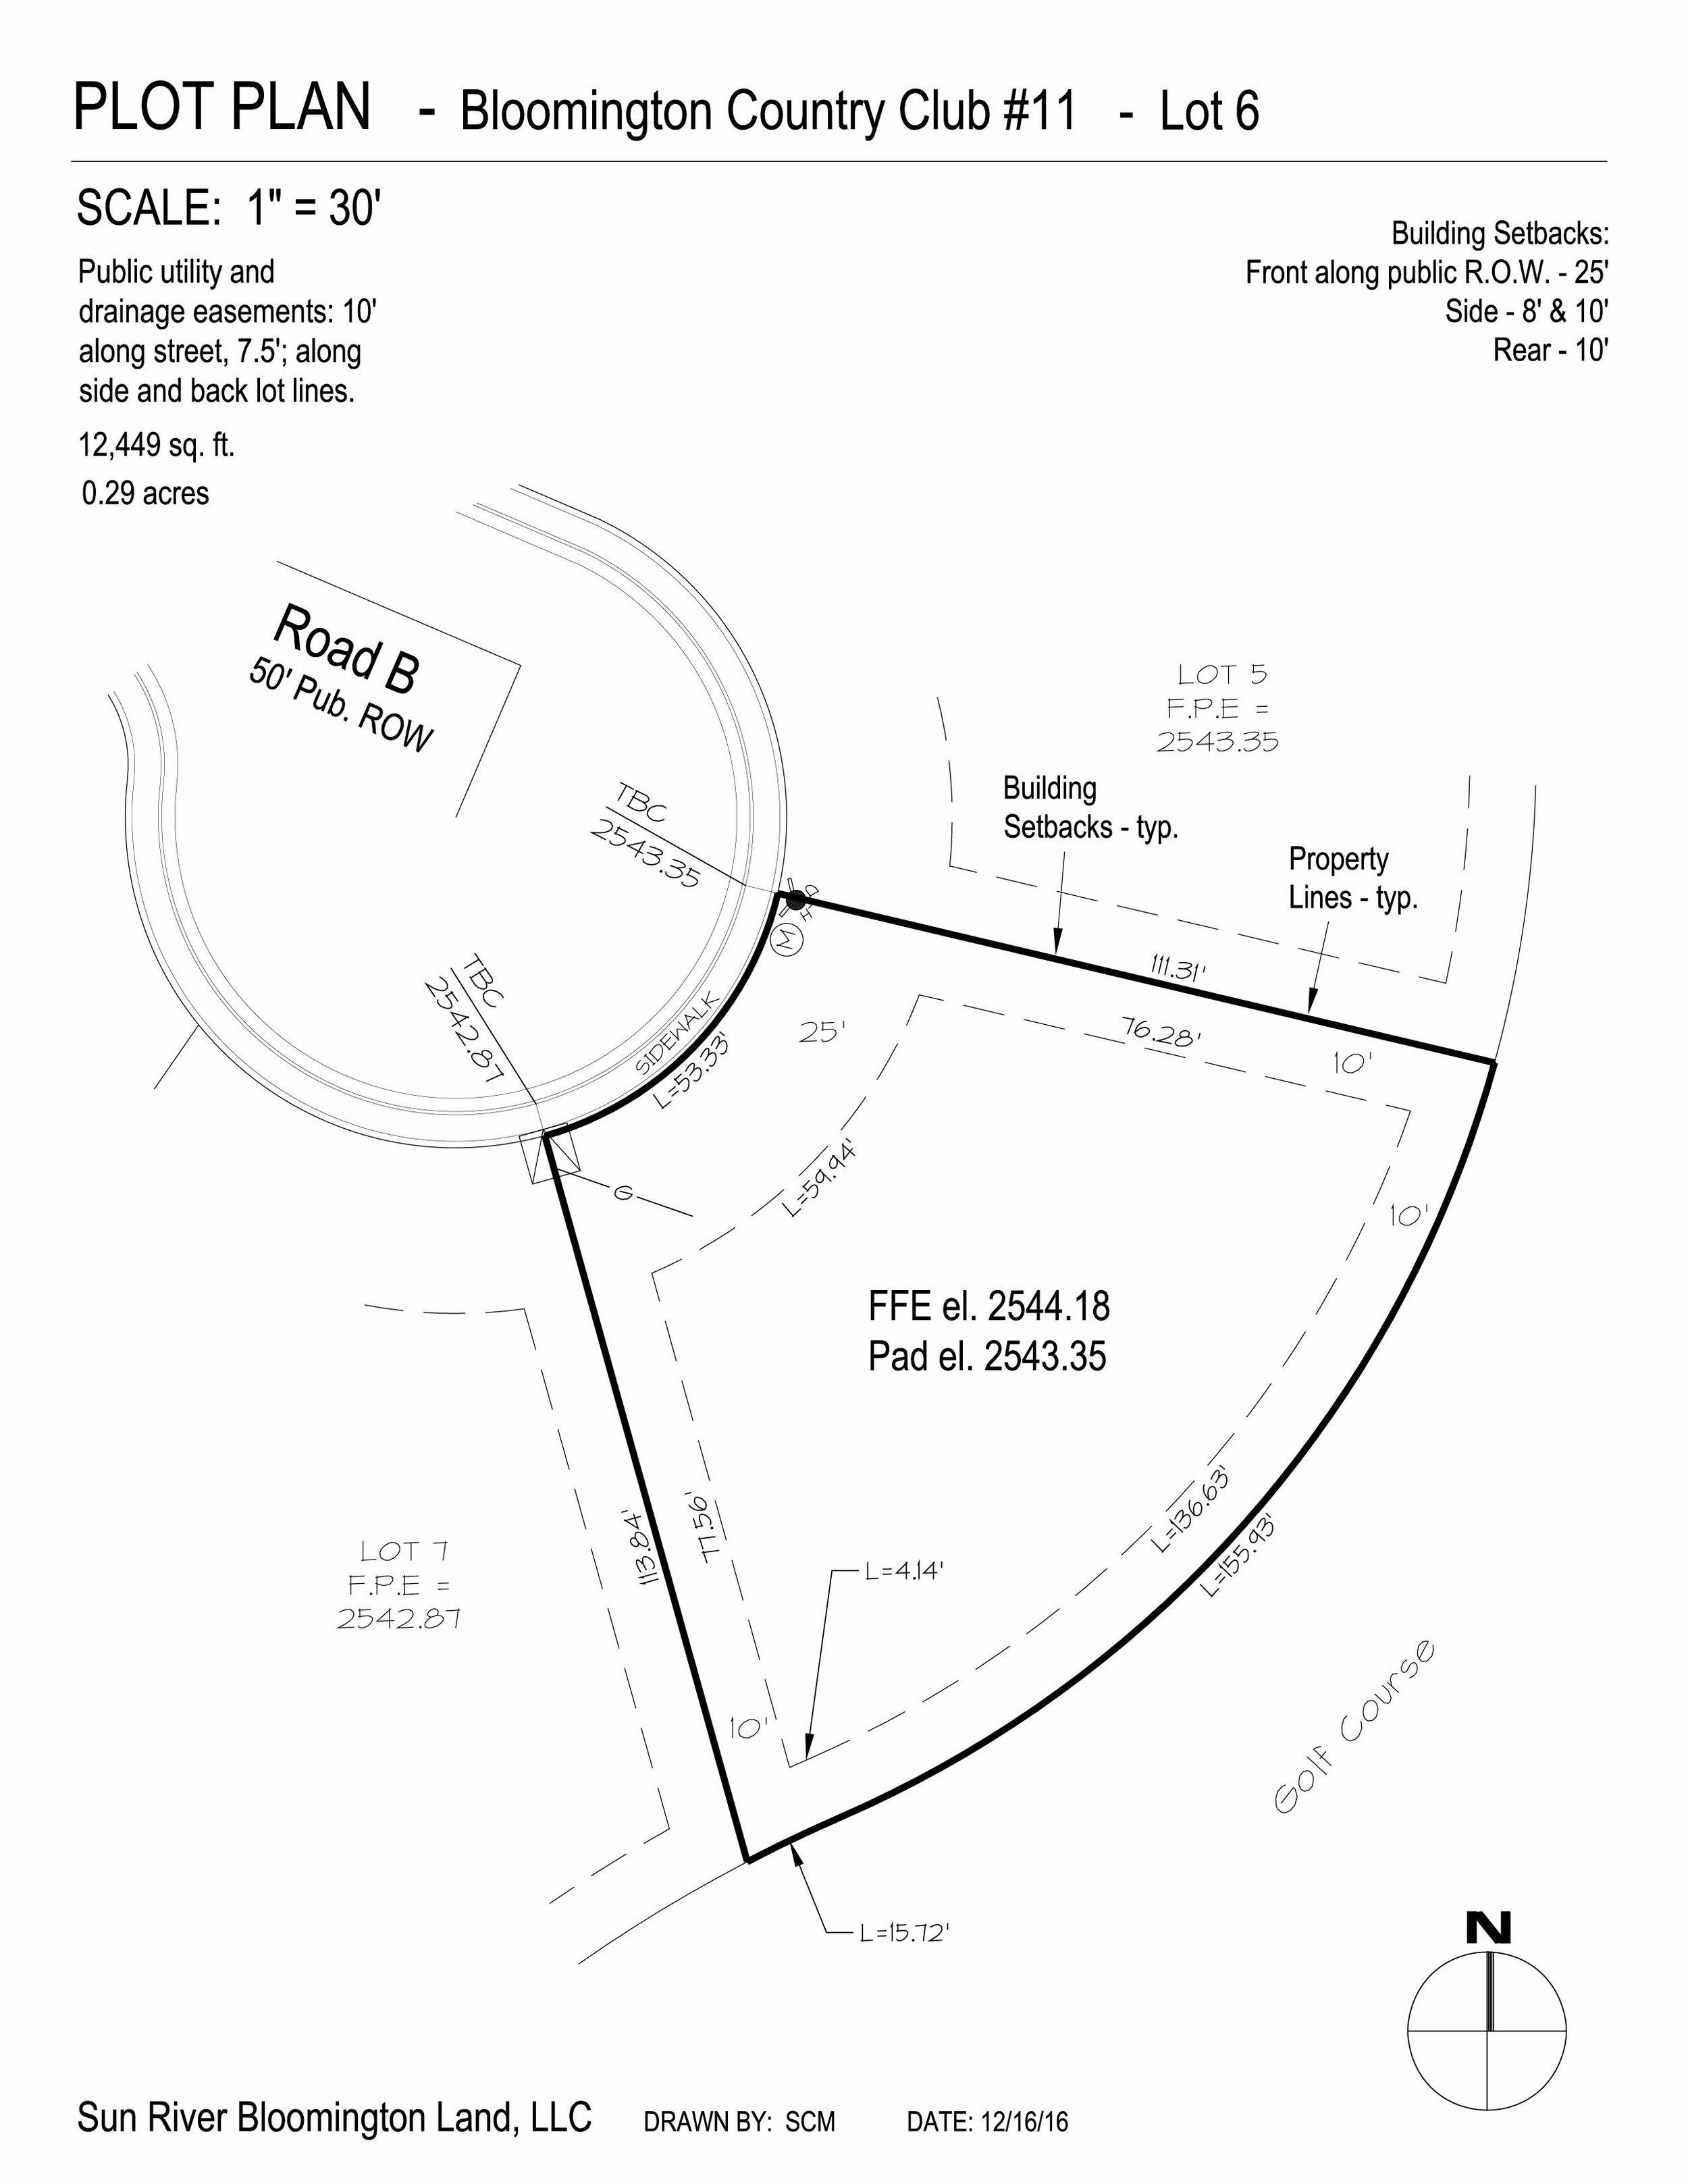 hamblin plot plans-06.jpg